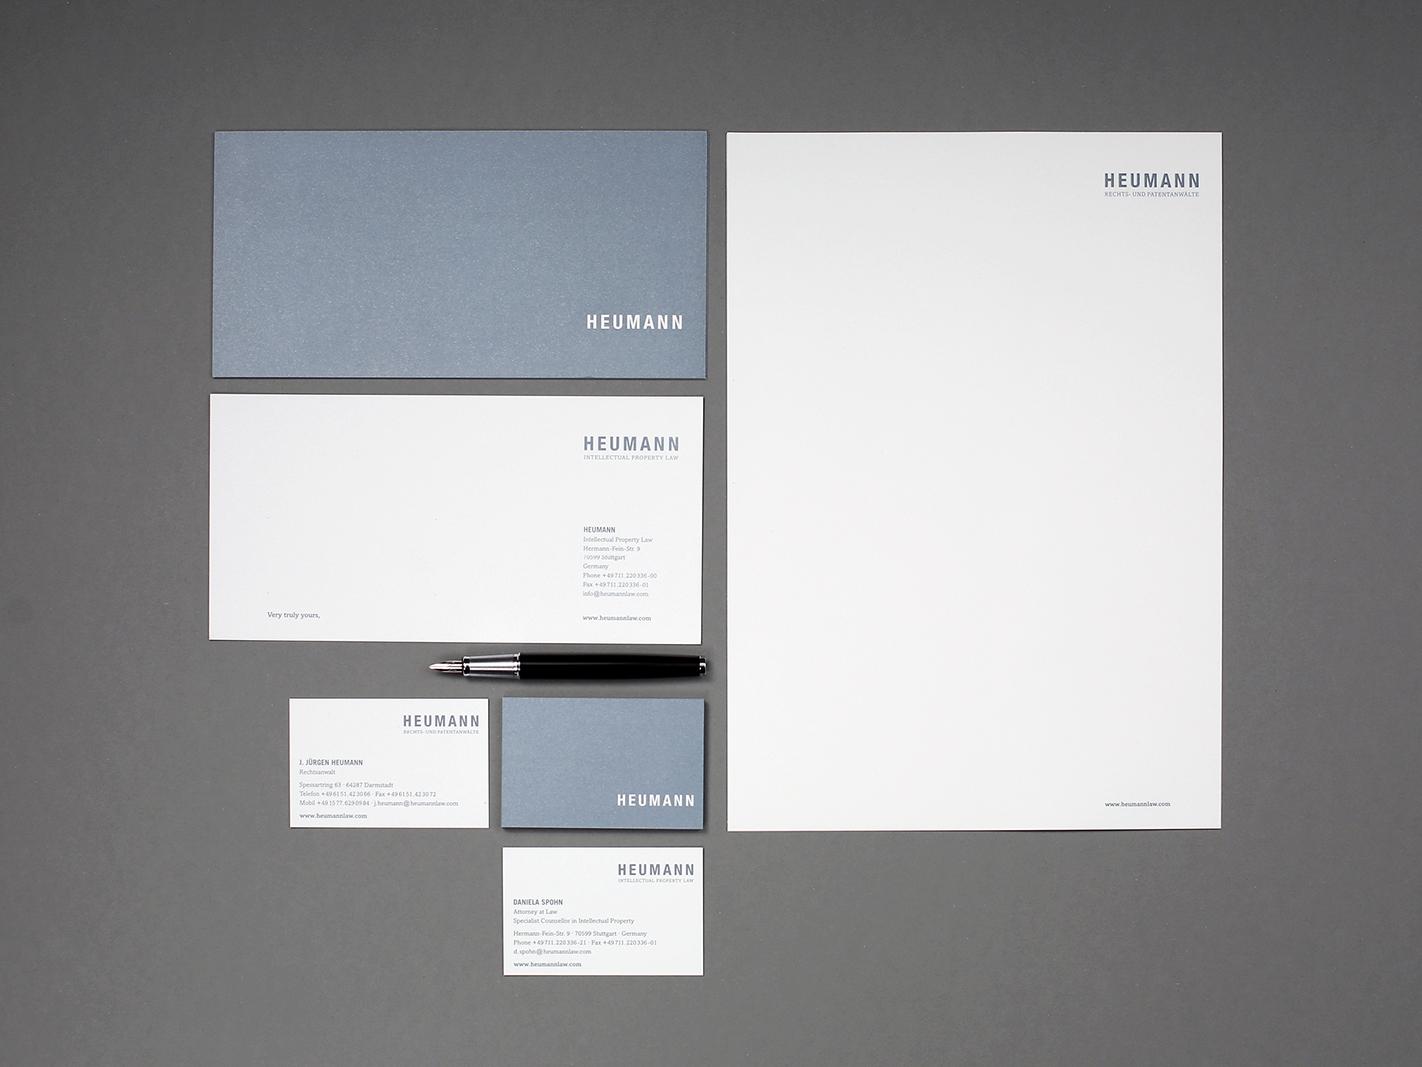 ATK-HEUMANN-Corporat-Design-4.jpg